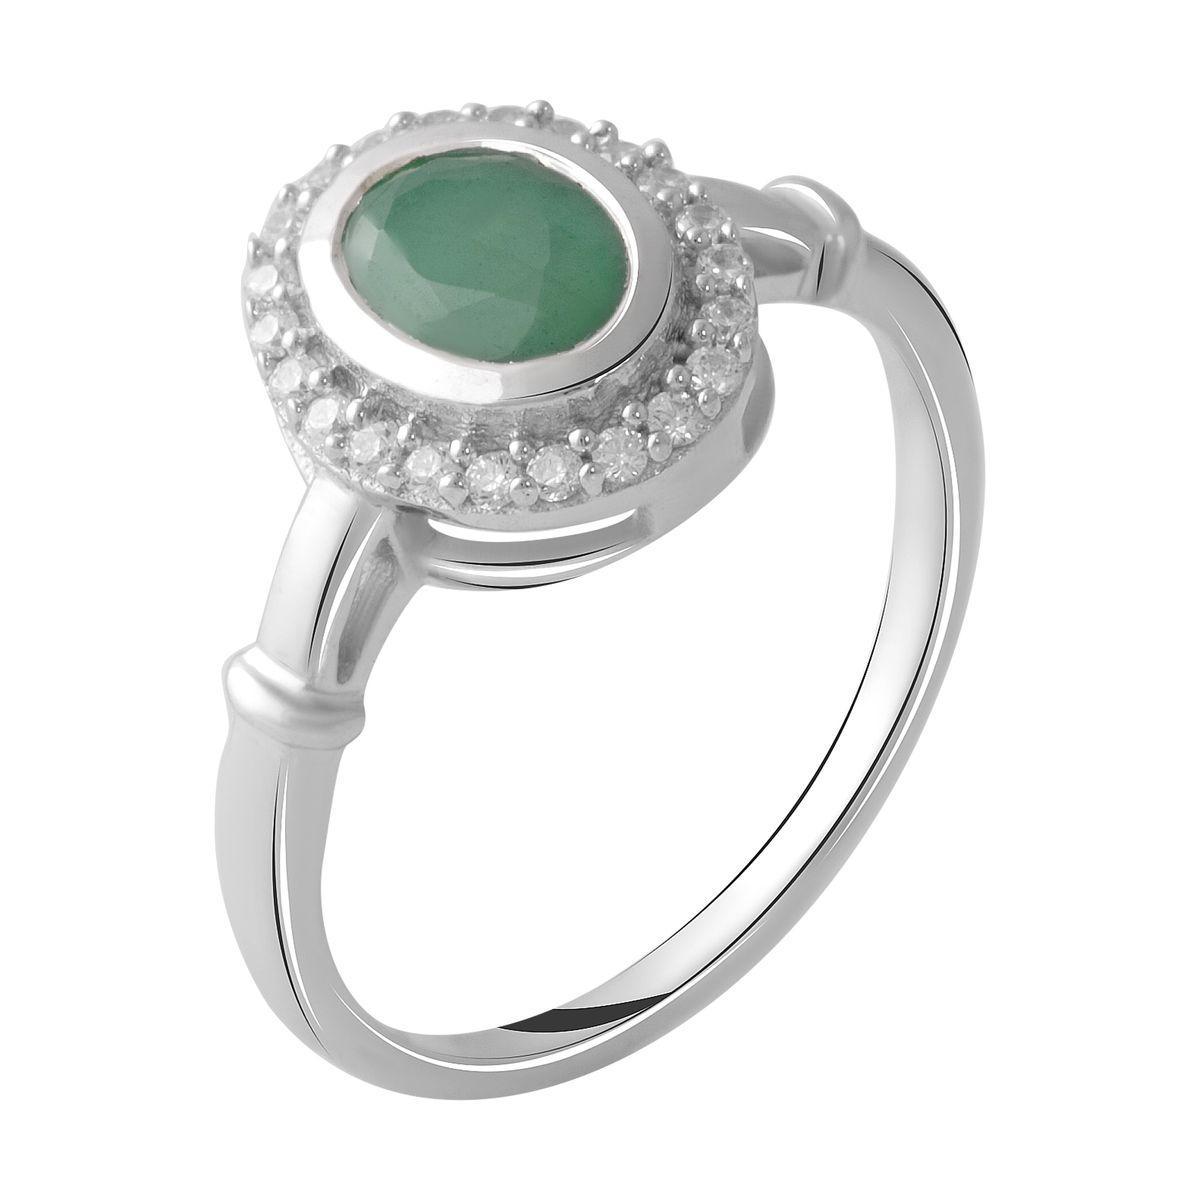 Серебряное кольцо DreamJewelry с натуральным изумрудом 1.093ct (2027492) 18 размер